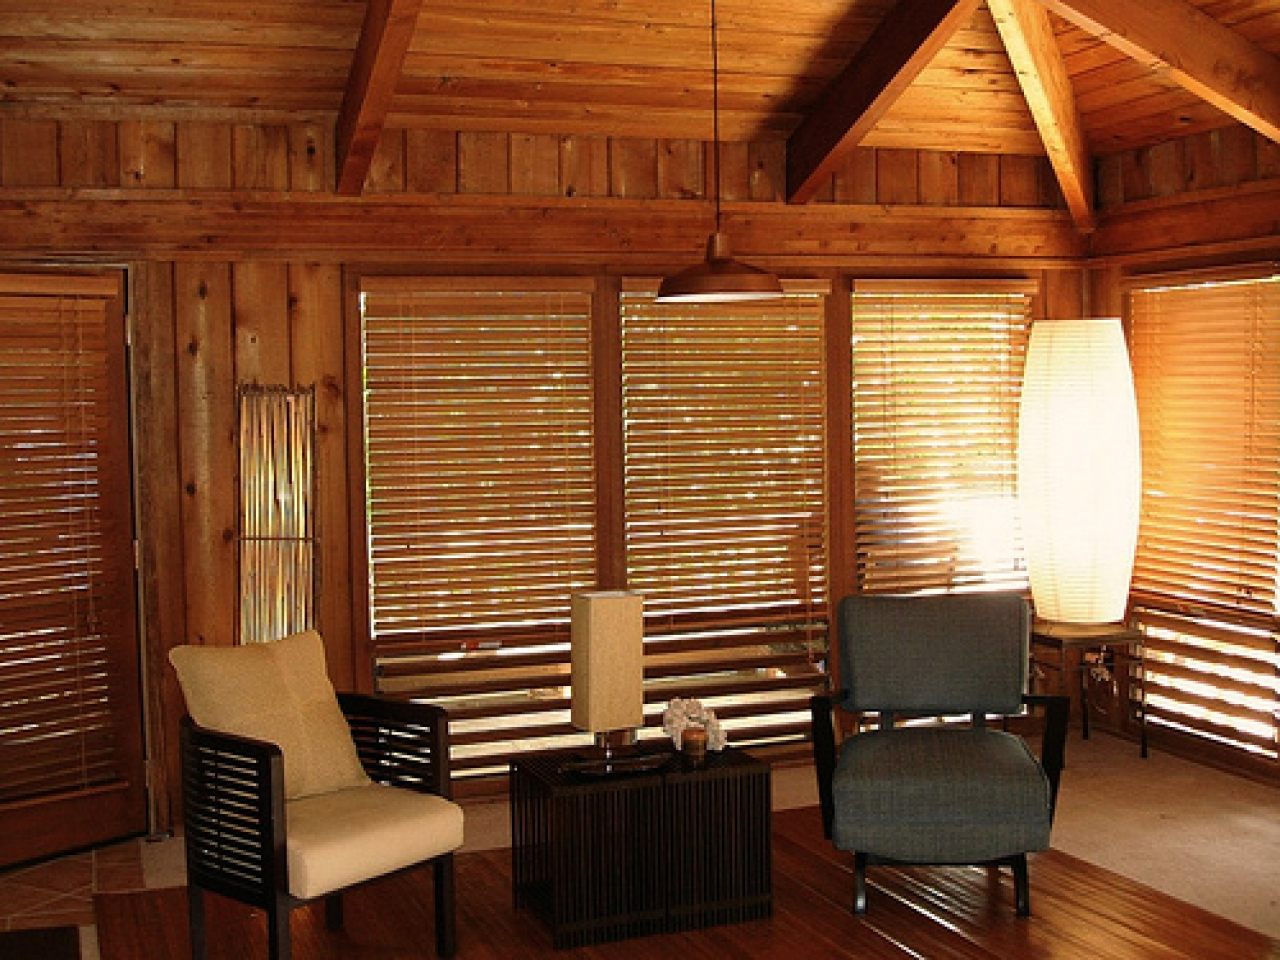 Galeria de fotos e imagens salas r sticas for Sala de estar estilo rustico